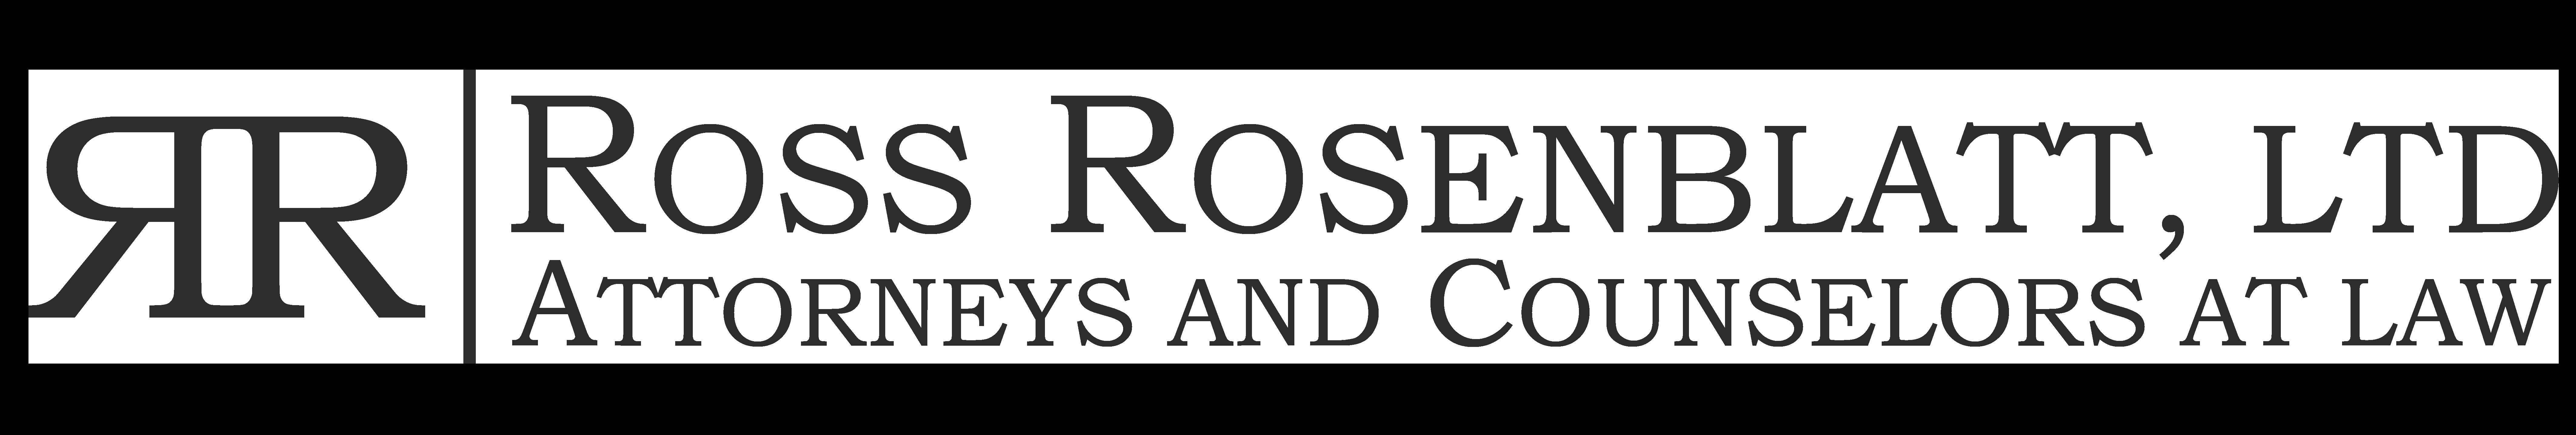 Ross Rosenblatt, LTD Minneapolis